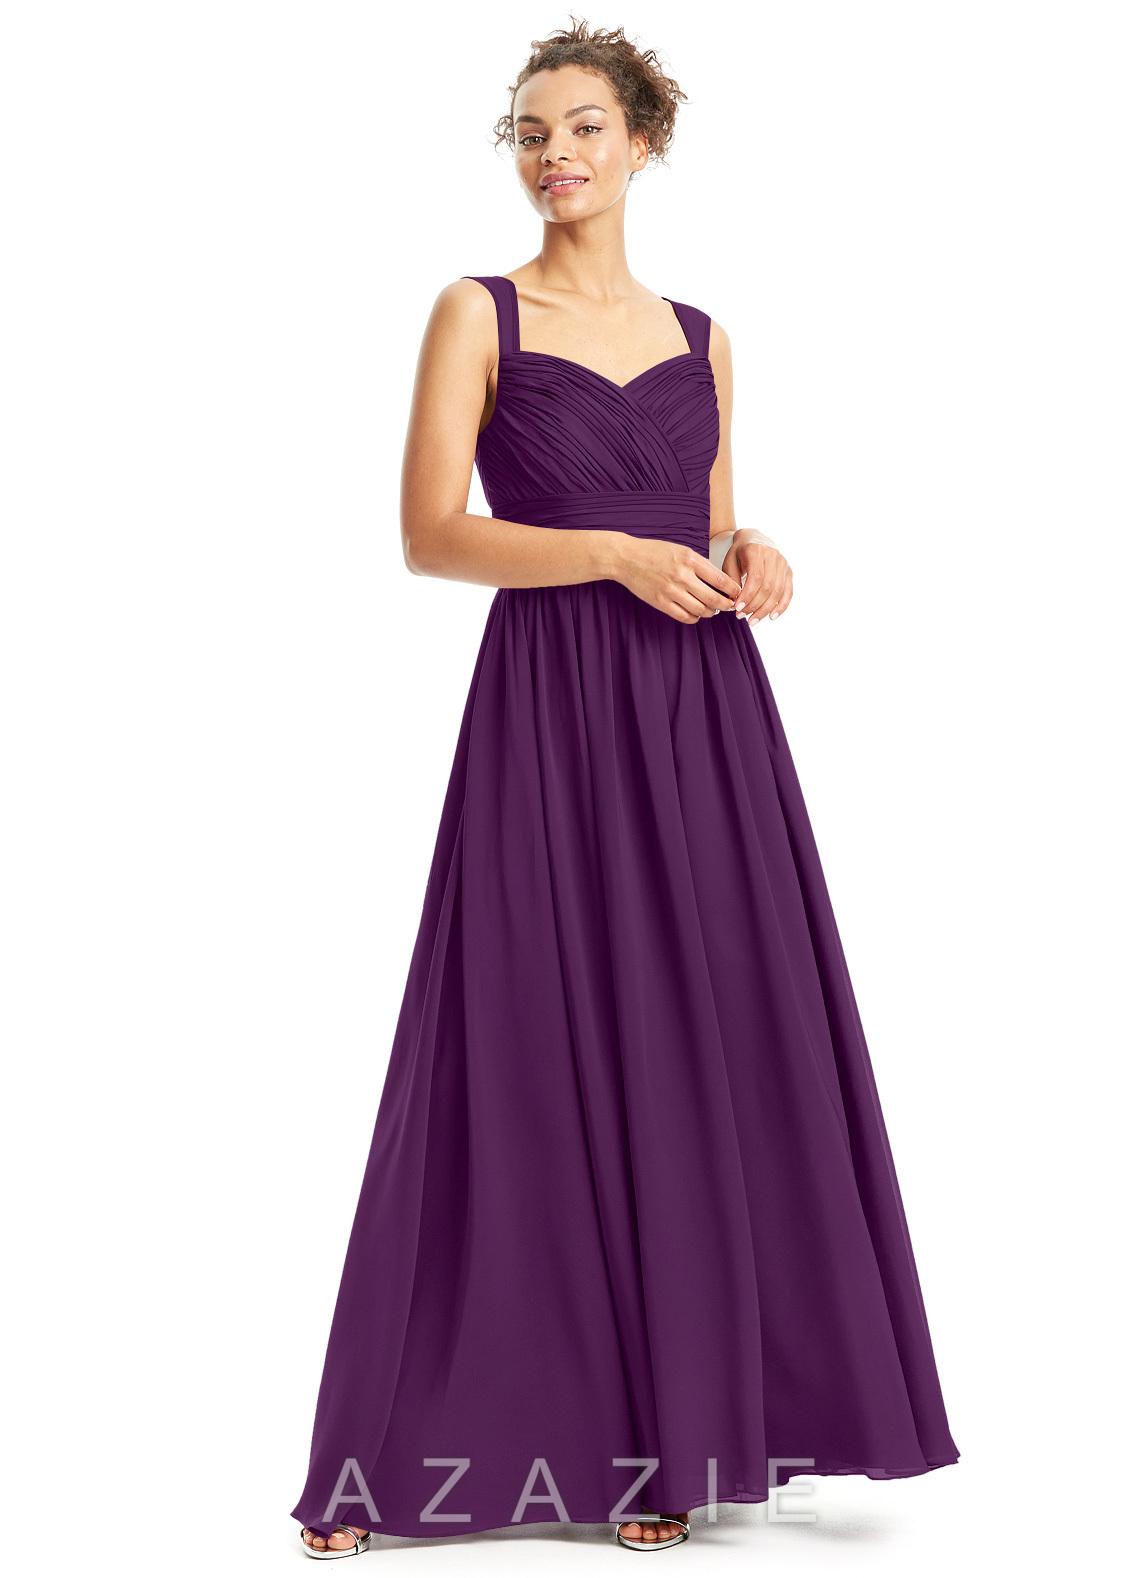 e2d6573bfd7 Azazie Dara Bridesmaid Dress